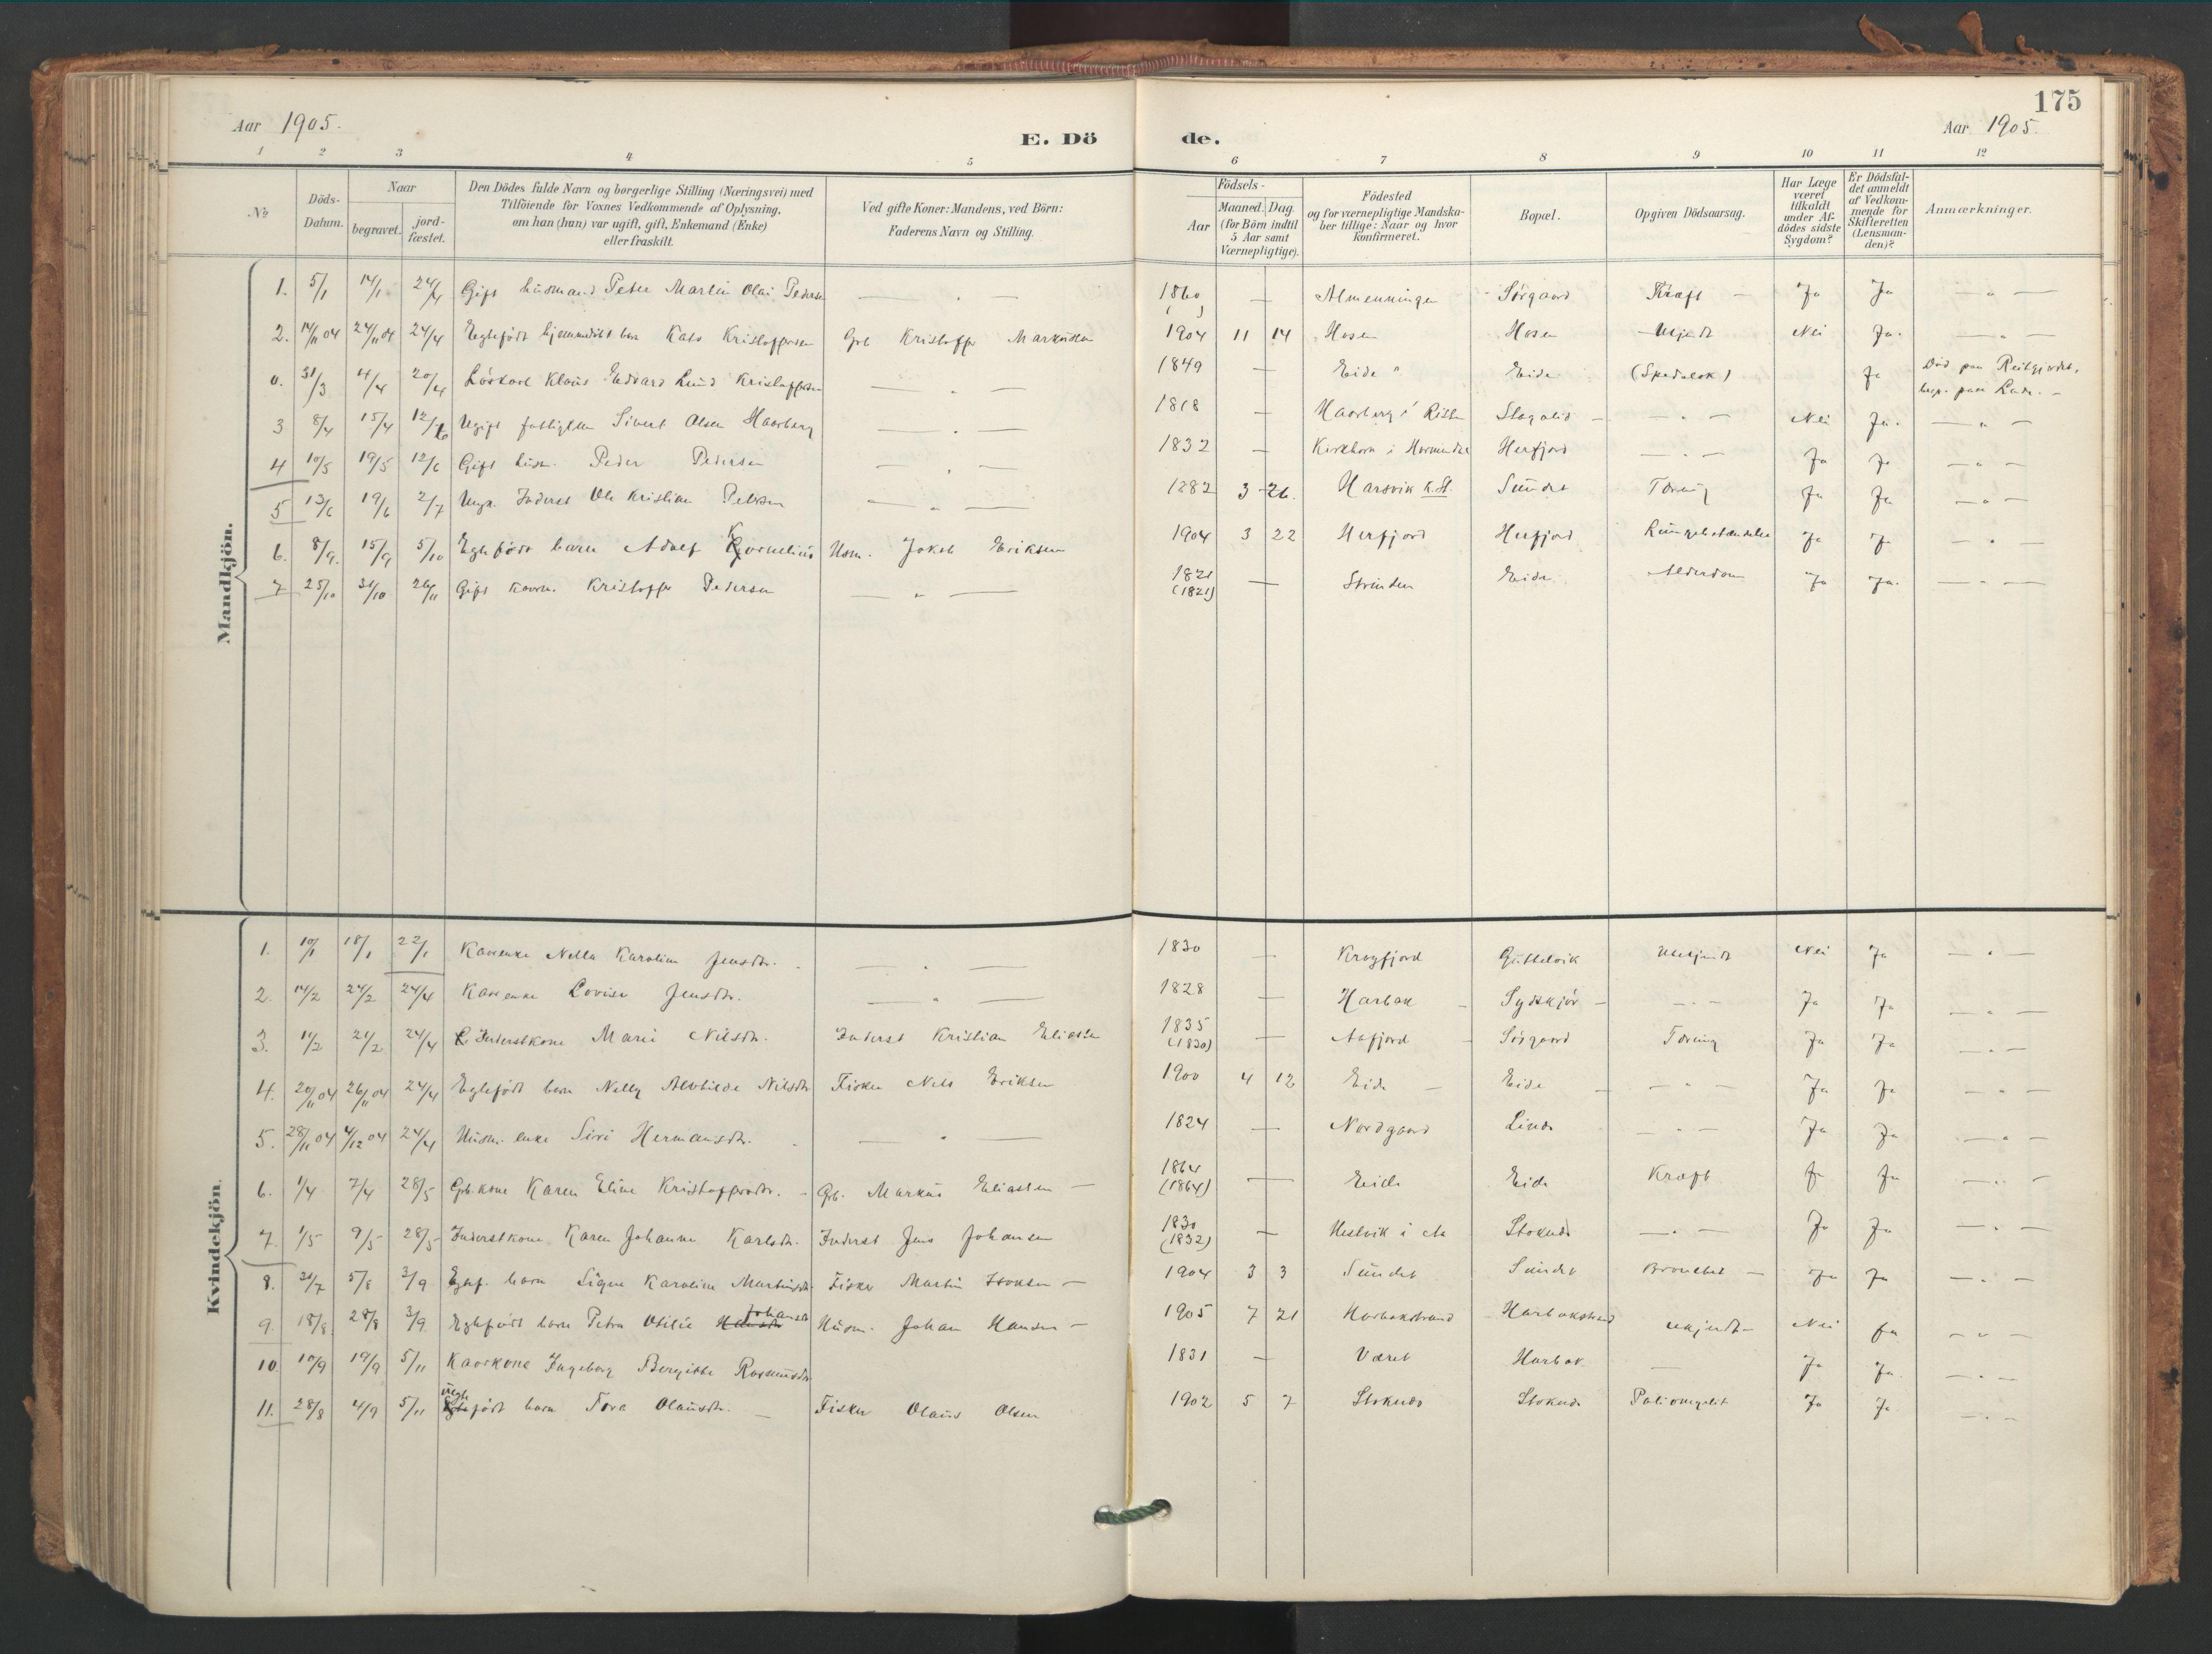 SAT, Ministerialprotokoller, klokkerbøker og fødselsregistre - Sør-Trøndelag, 656/L0693: Ministerialbok nr. 656A02, 1894-1913, s. 175